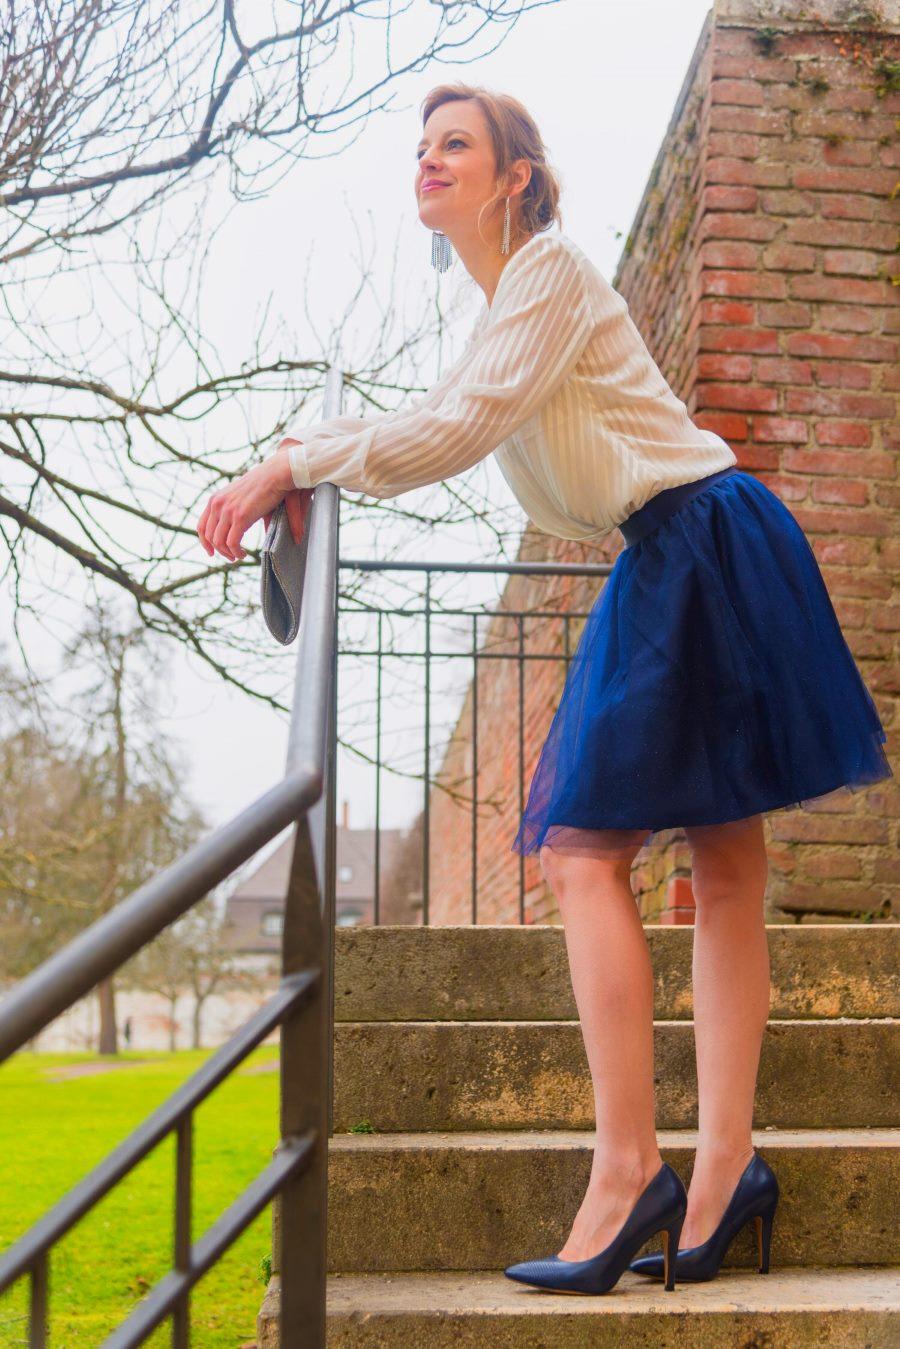 Tolles Outfit, ein blauer Tüllrock mit weißer Bluse